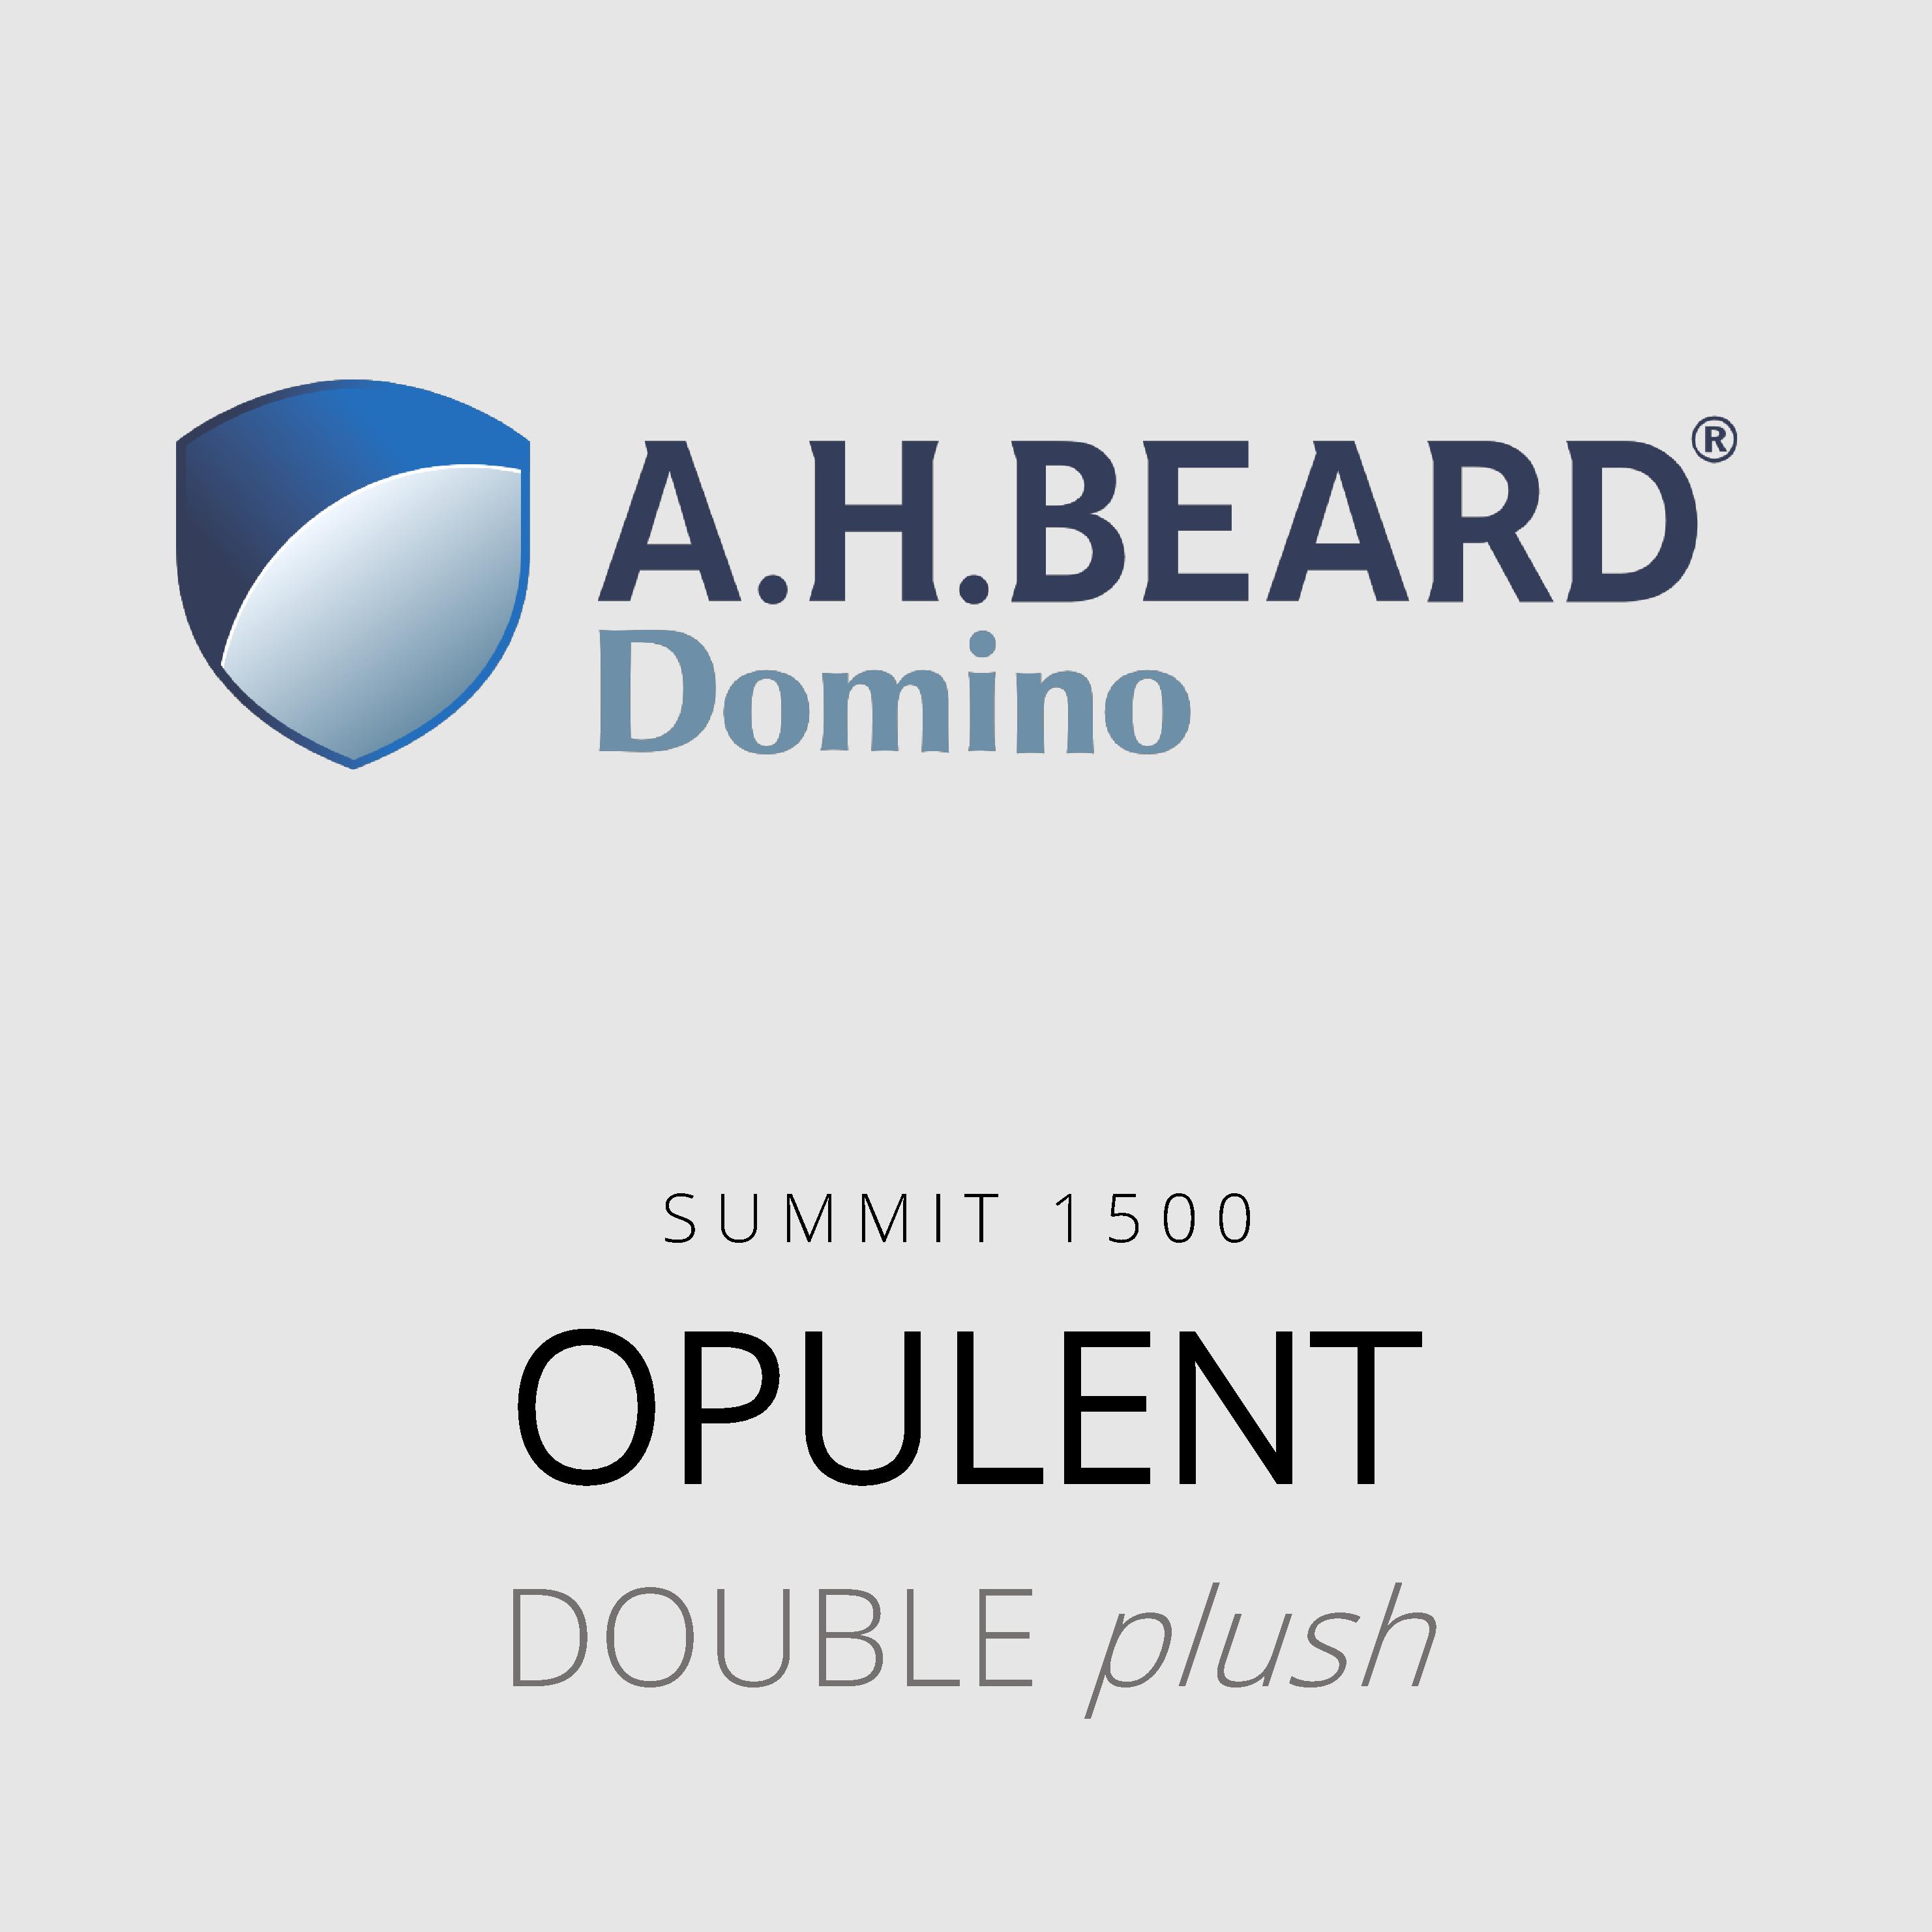 AH Beard Domino – Opulent – Summit 1500 – Double Plush Mattress